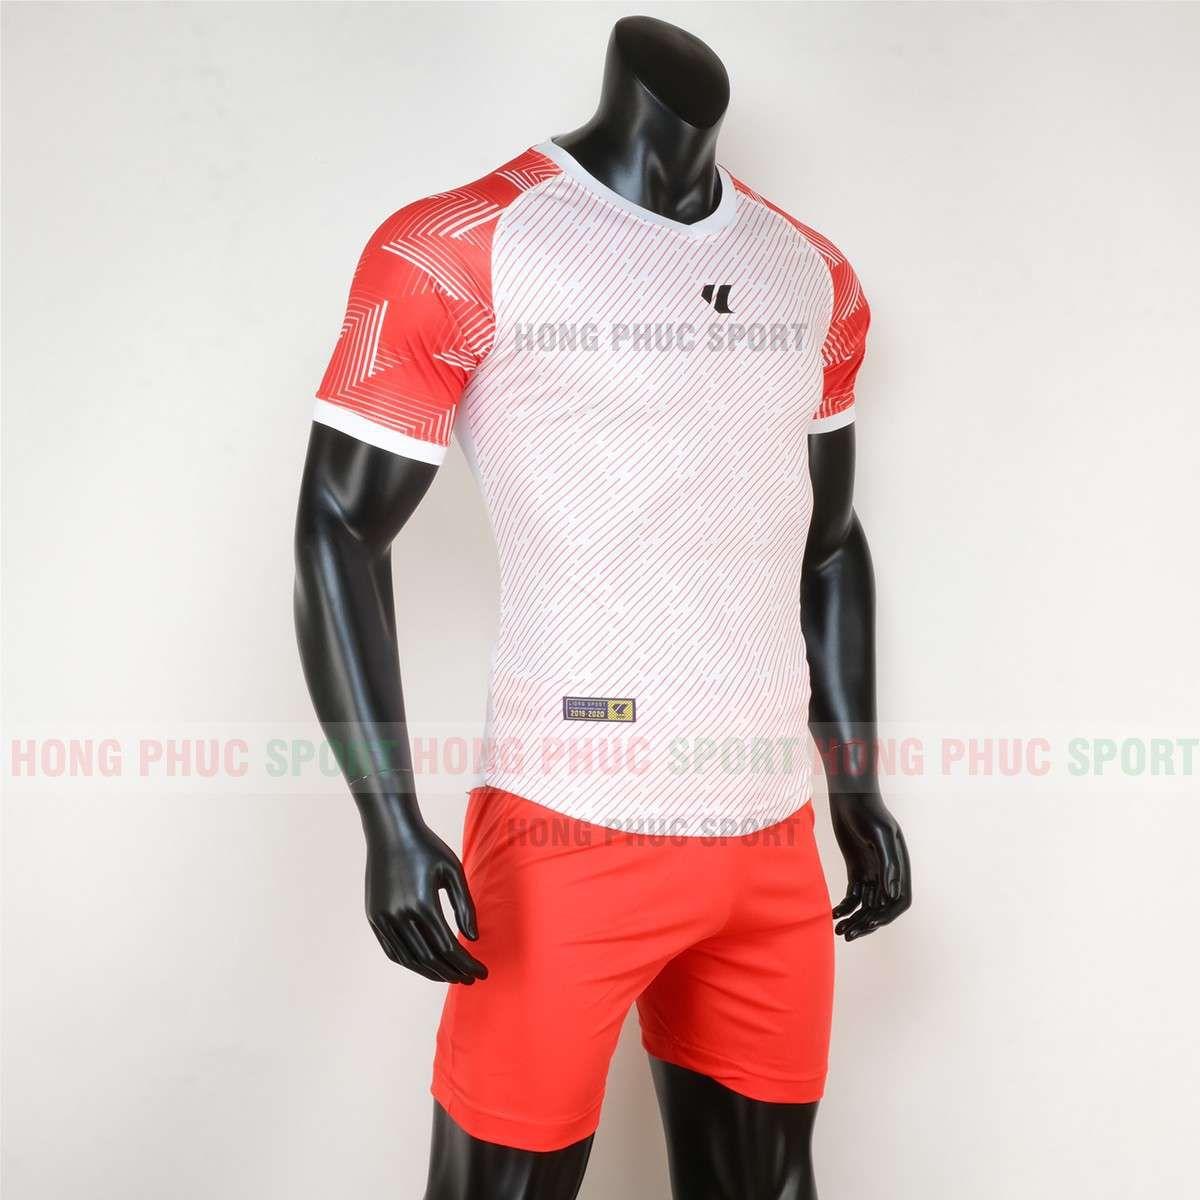 https://cdn.hongphucsport.com/unsafe/cdn.hongphucsport.com/dothethao.net.vn/wp-content/uploads/2020/02/ao-bong-da-khong-logo-lidas-wariors-trang-cam-2.jpg